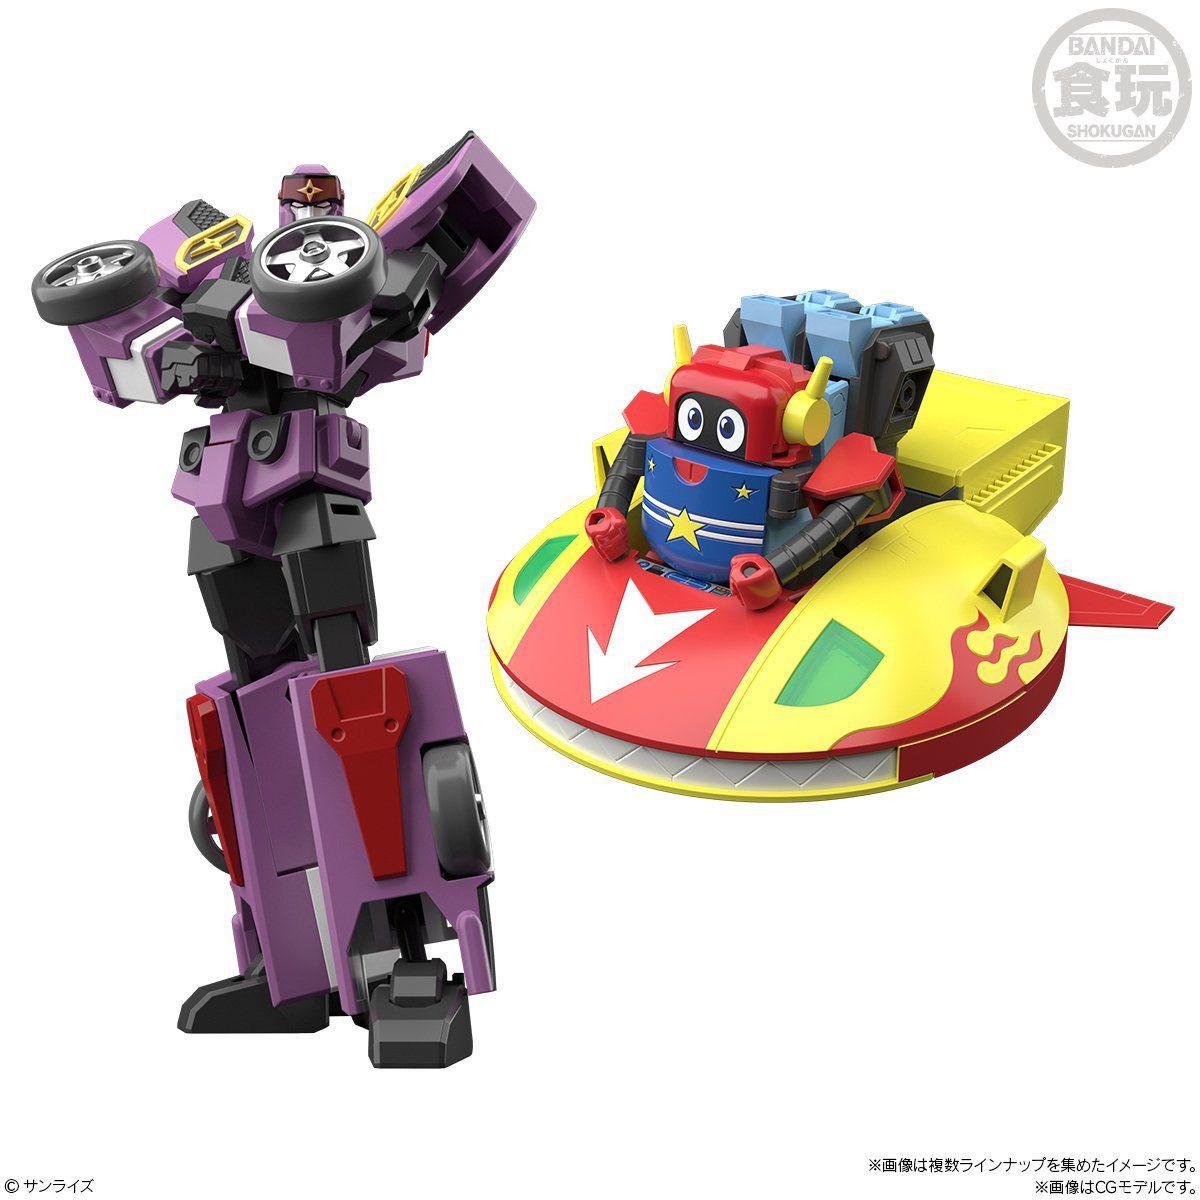 【食玩】スーパーミニプラ『勇者王ガオガイガー5』勇者王ガオガイガー プラモデル 3個入りBOX-001